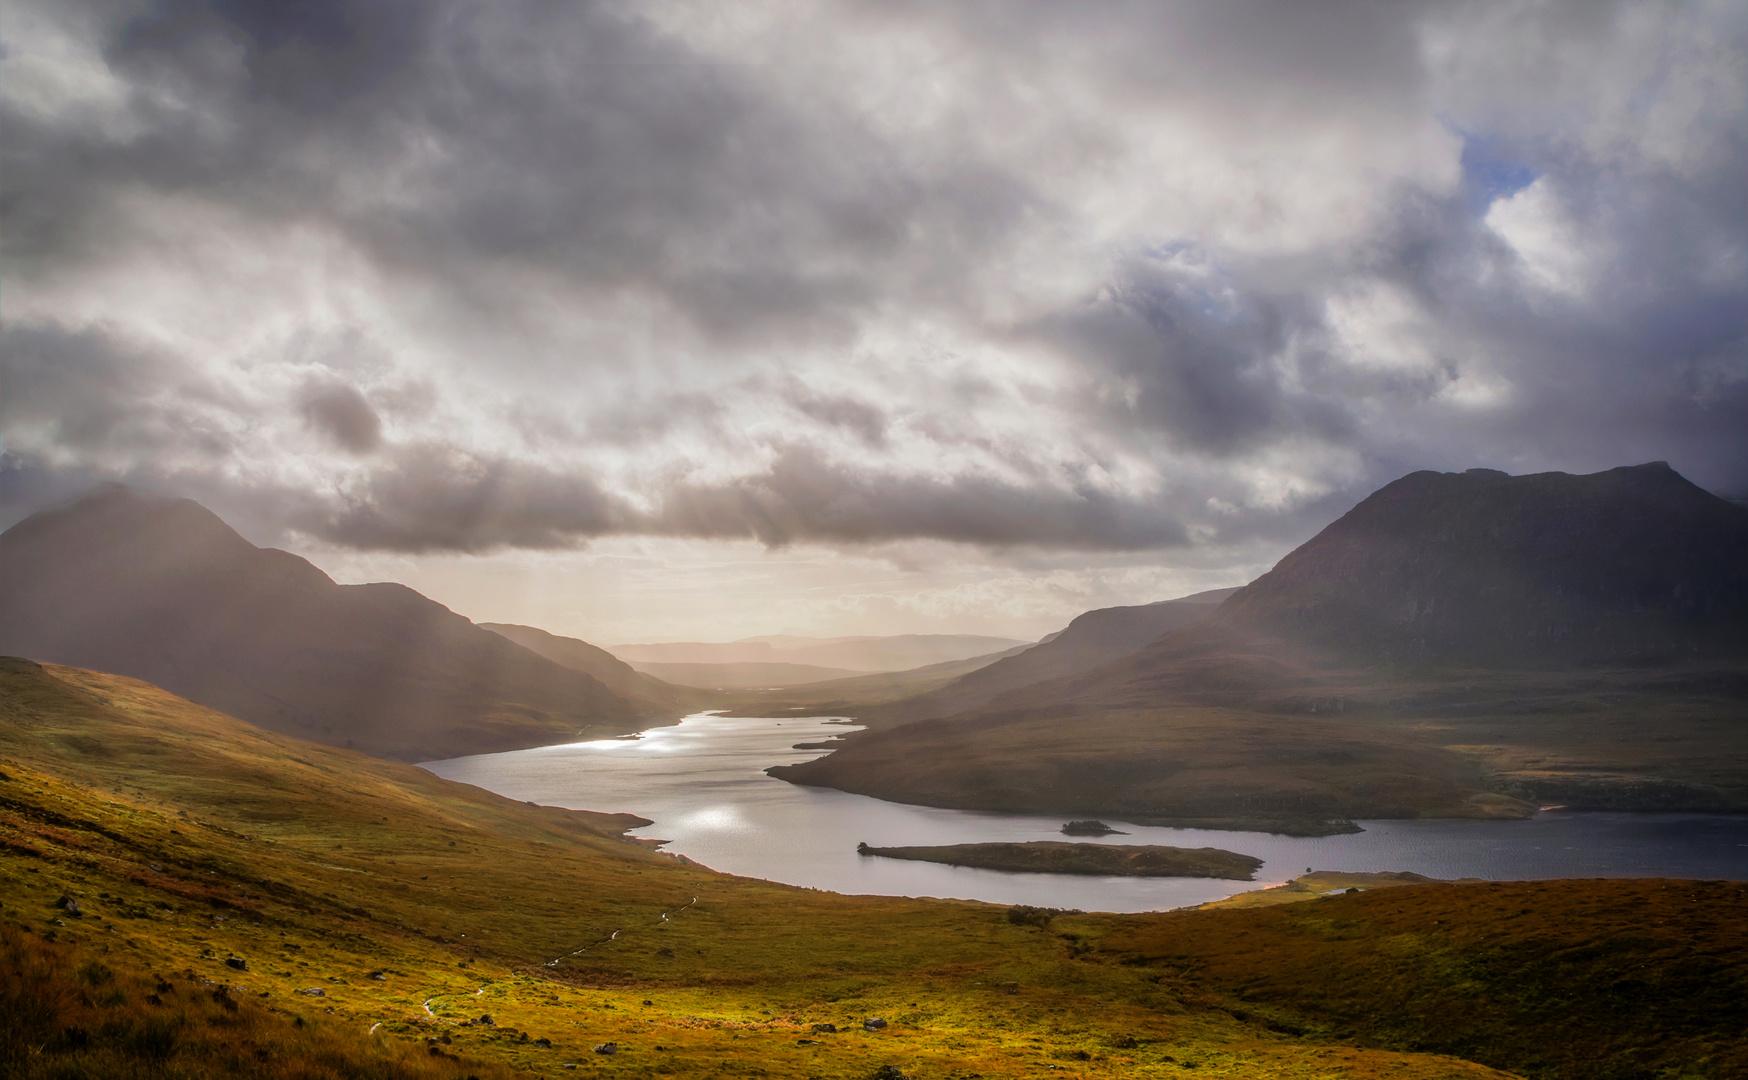 Loch Lurgainn